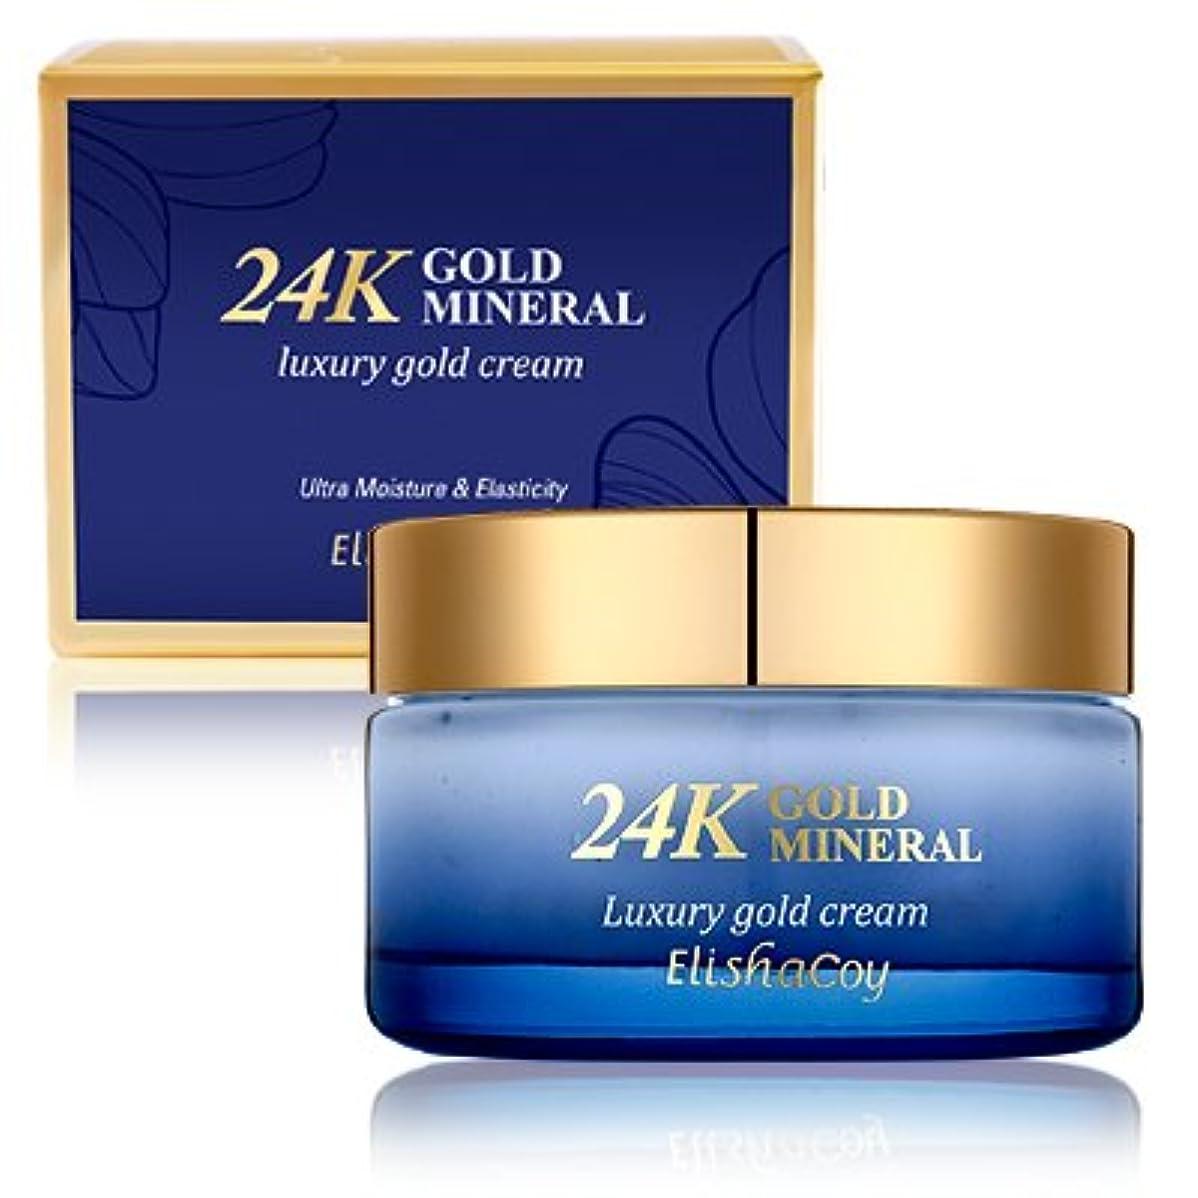 わな現実には乳白色保湿クリーム エリシャコイ24Kゴールドミネラルクリーム50g